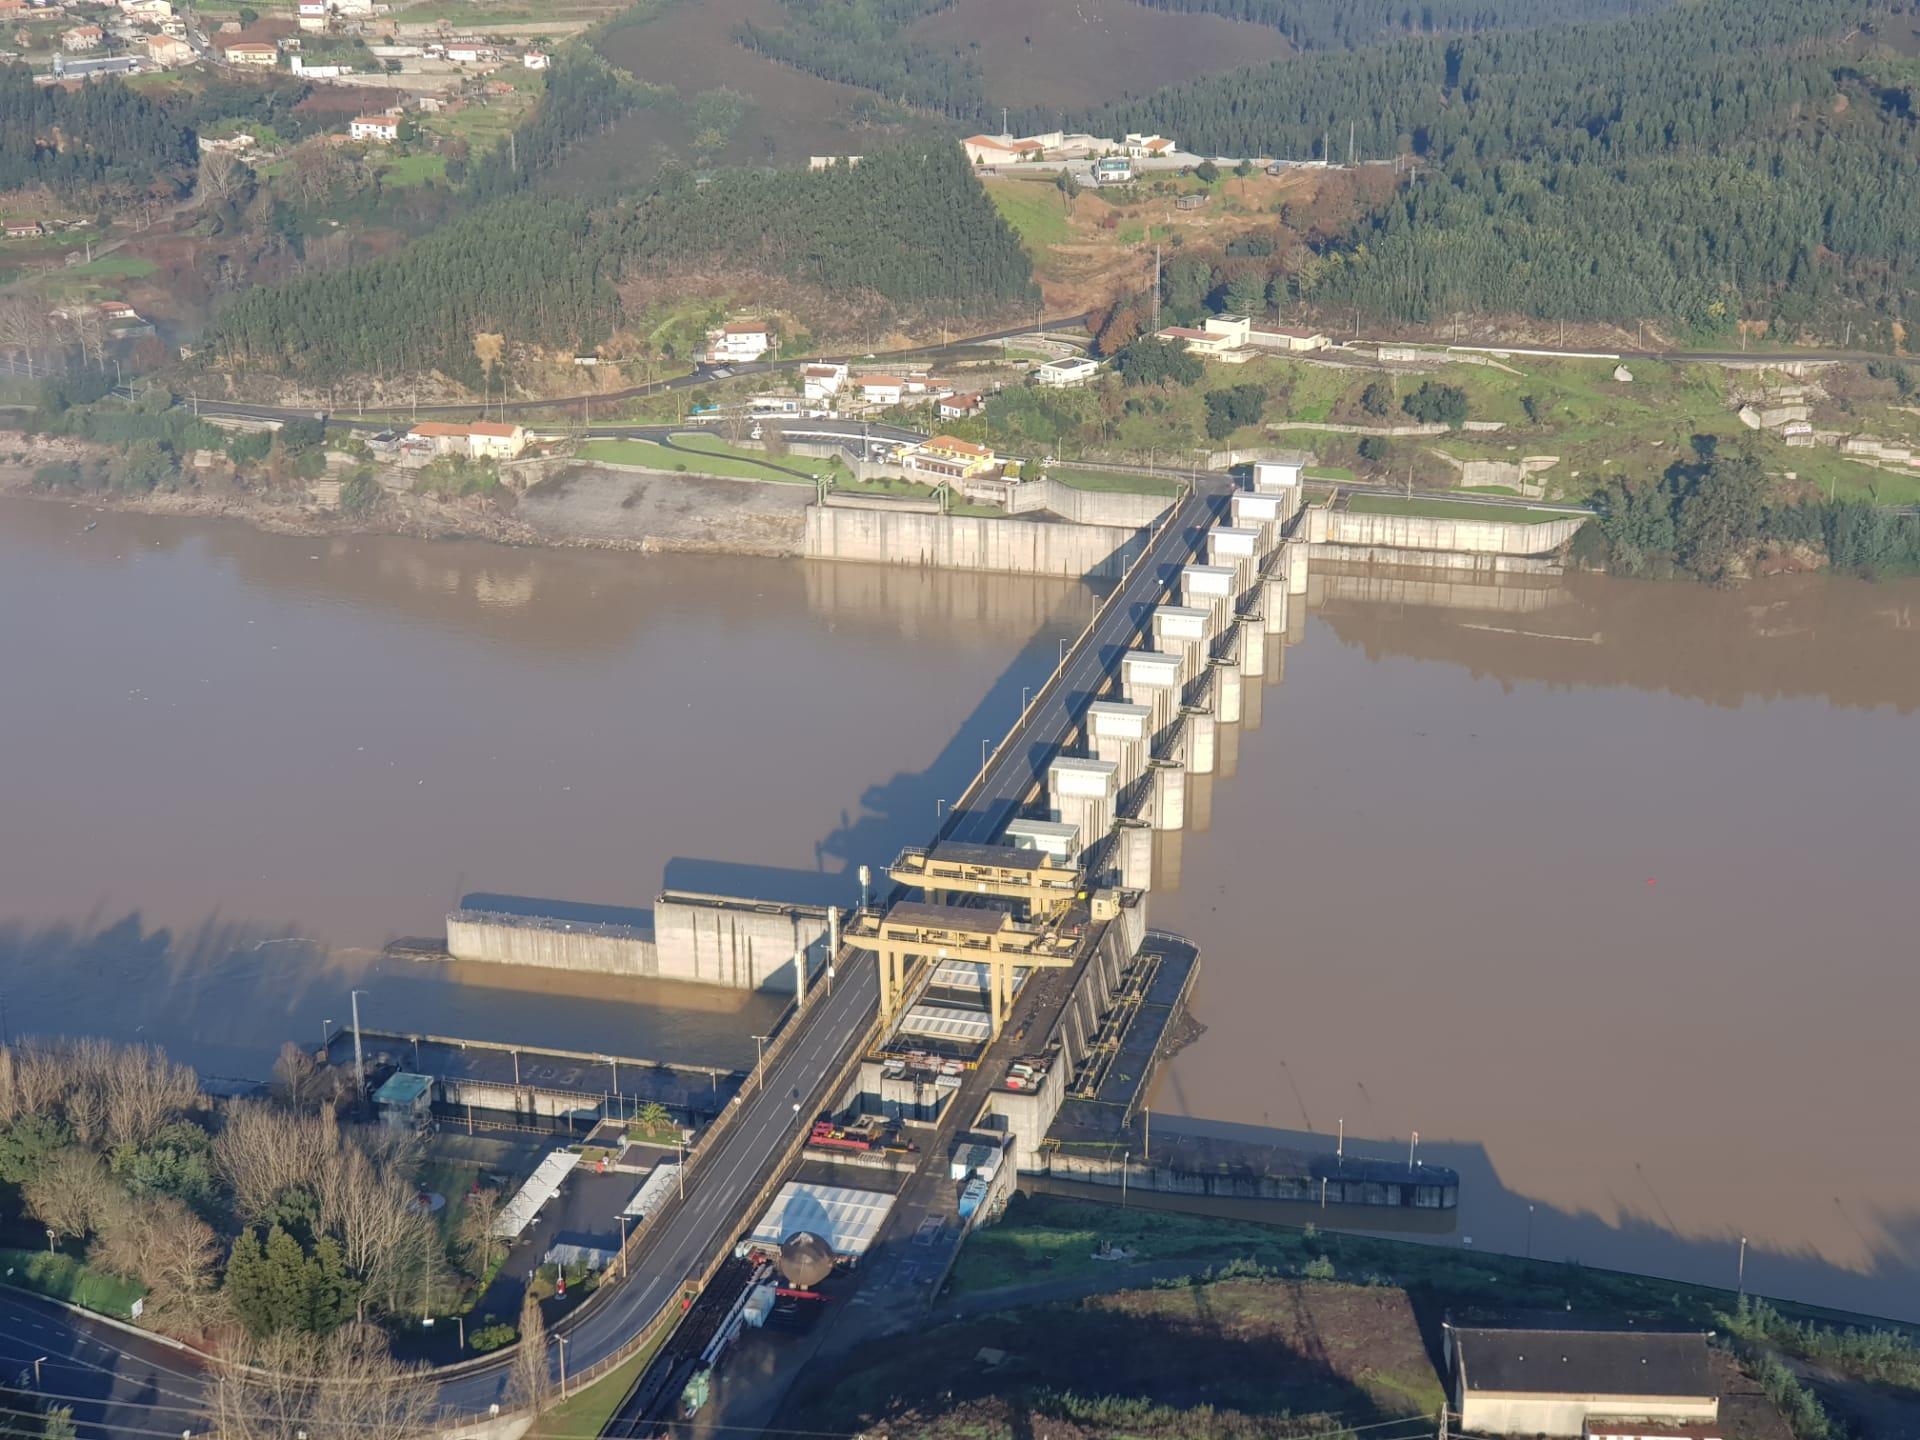 LM-Arquivo-Douro-Paiva-Foto-Aerea-ETA-Lever-090